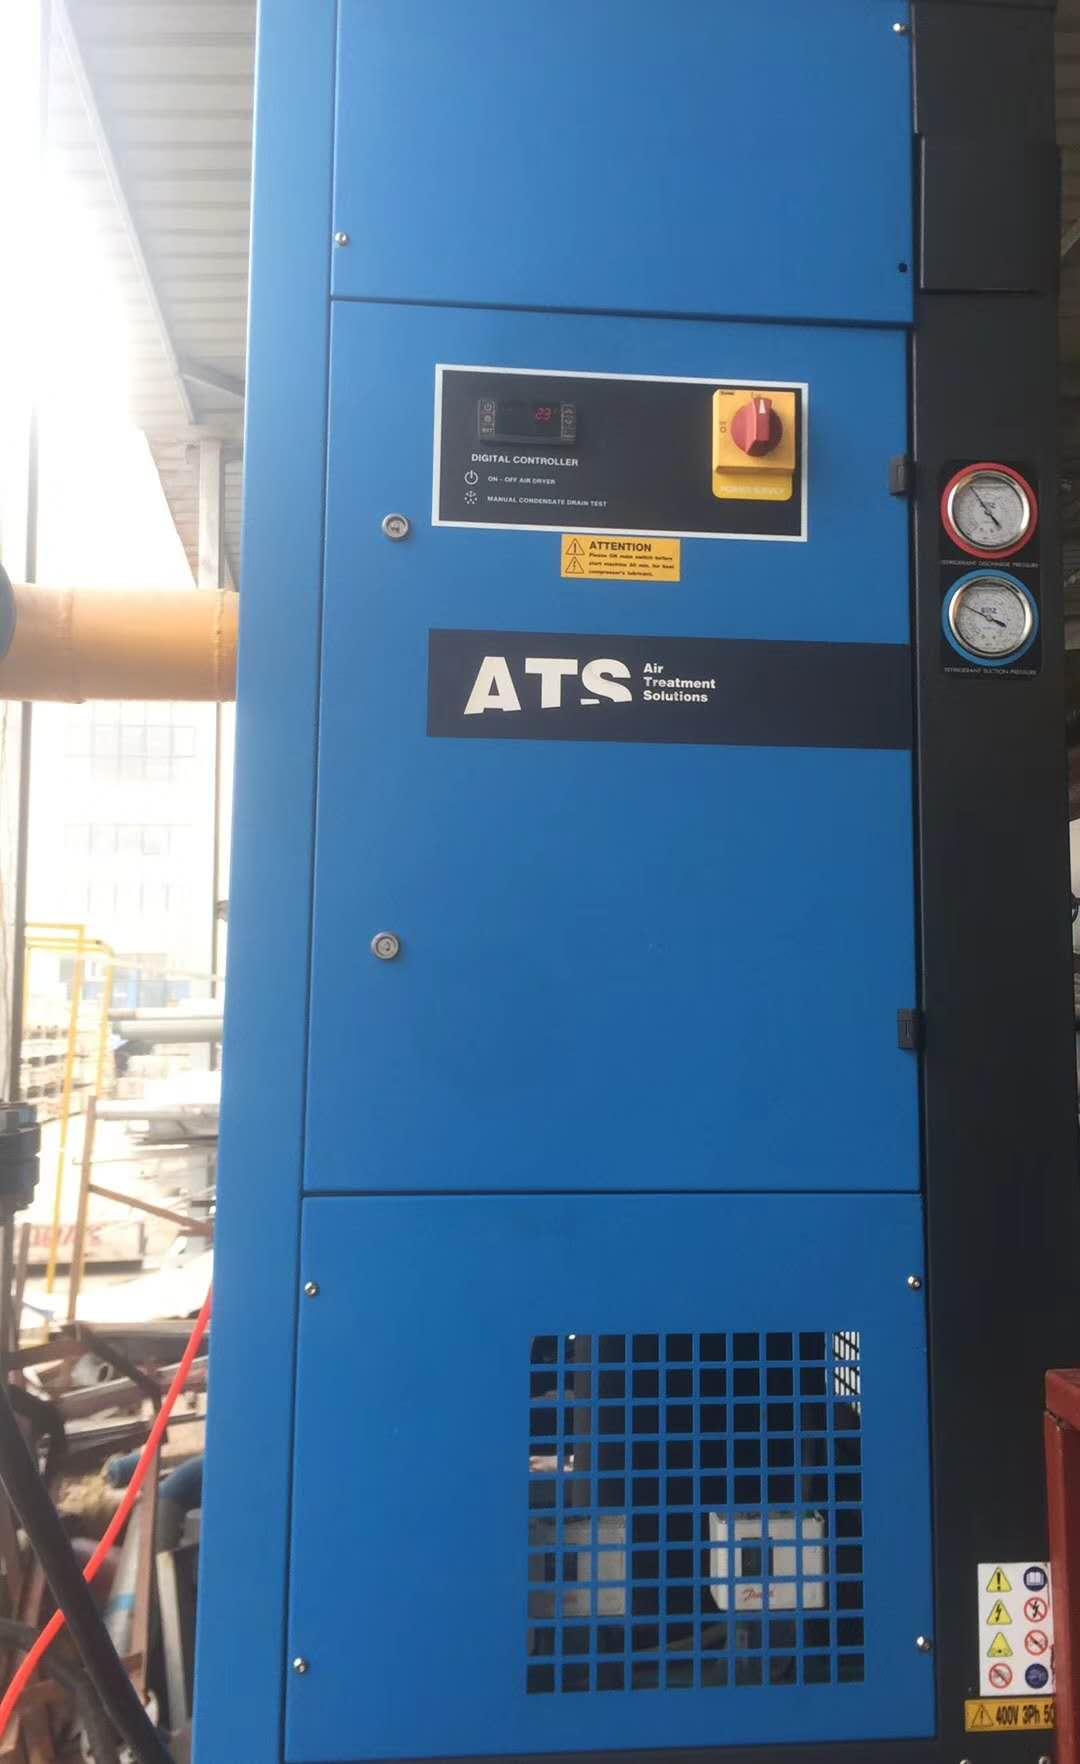 惠州空压机_压缩机价格-惠州市卓锐机电设备有限公司